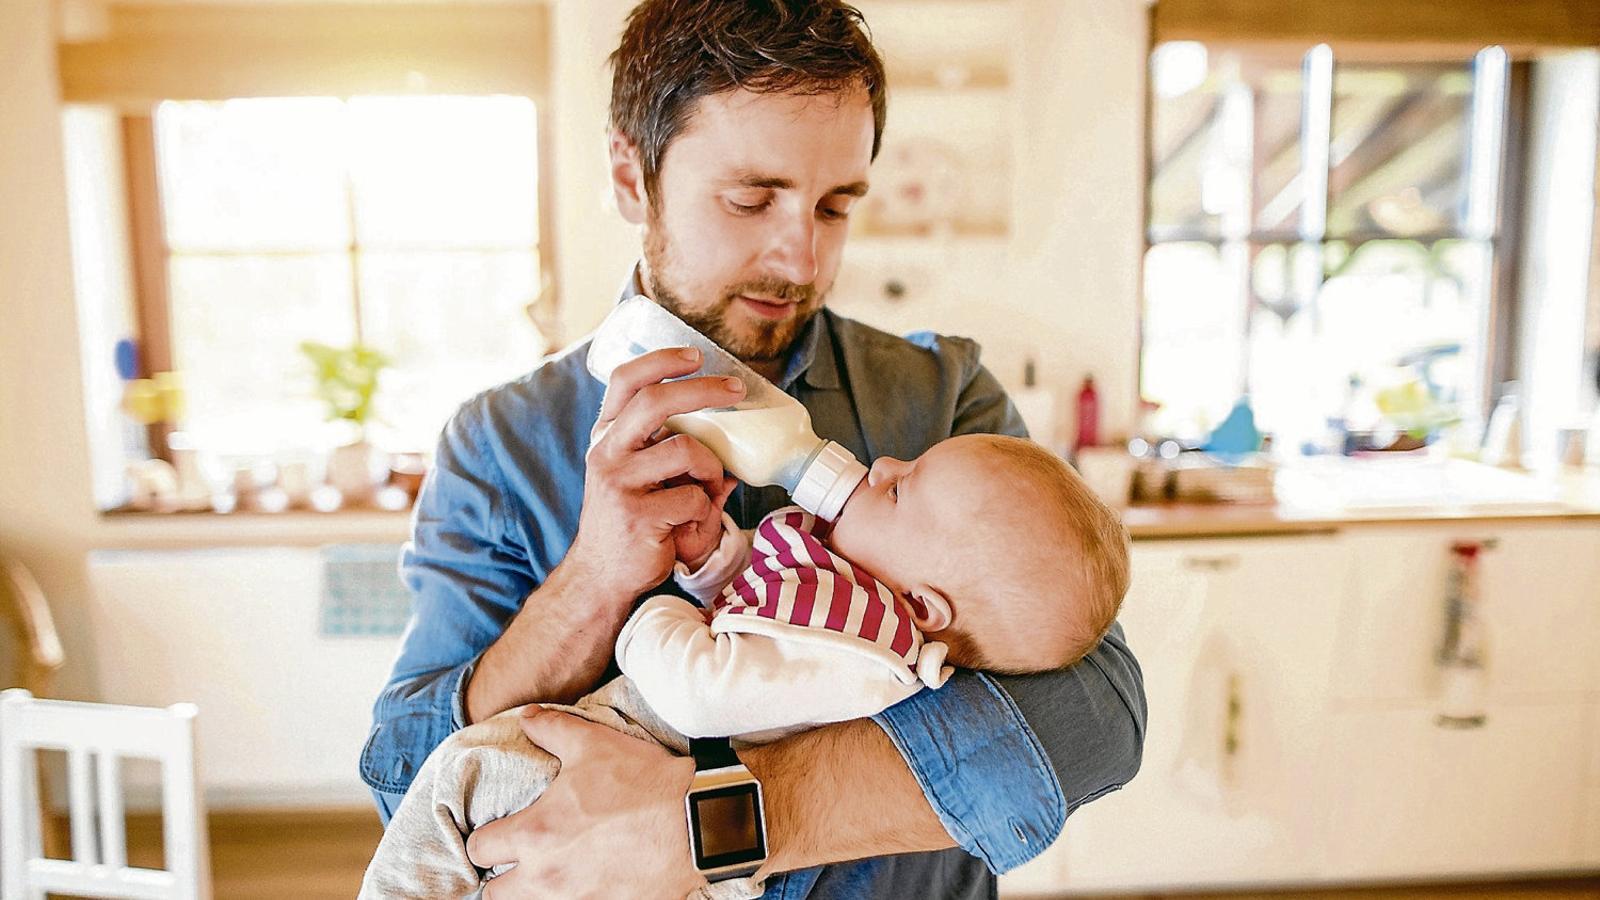 Hoy entra en vigor la ampliación a ocho semanas del permiso de paternidad